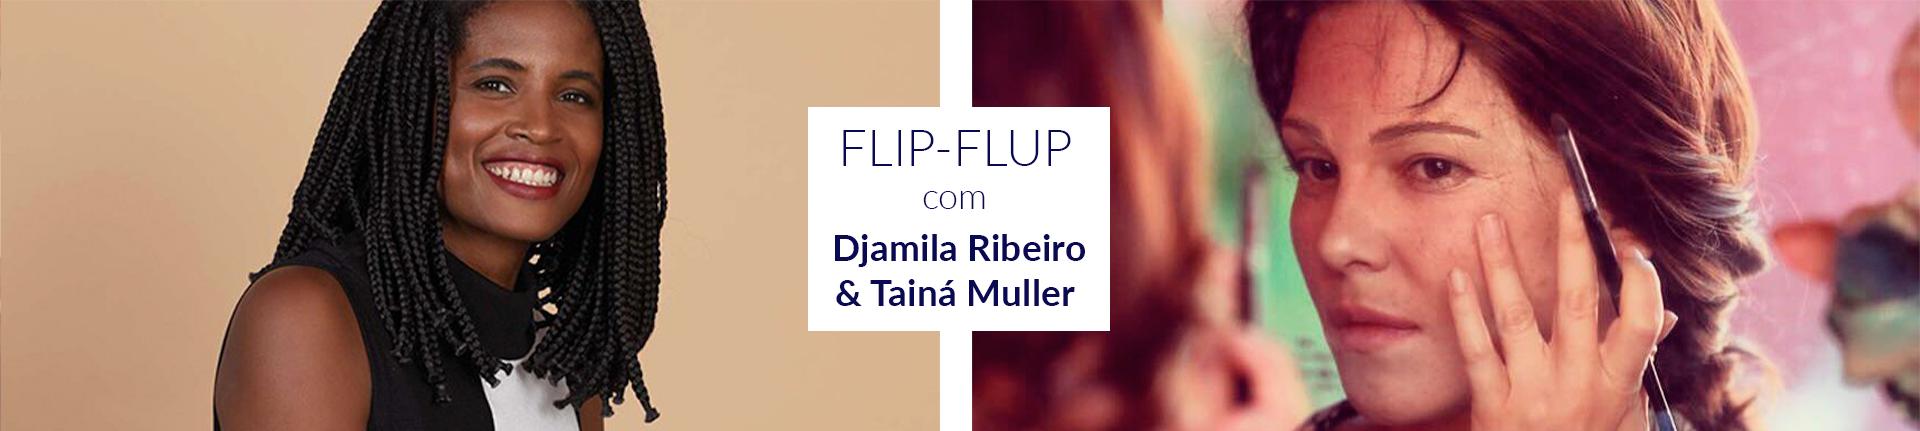 Flip e Flup 2018